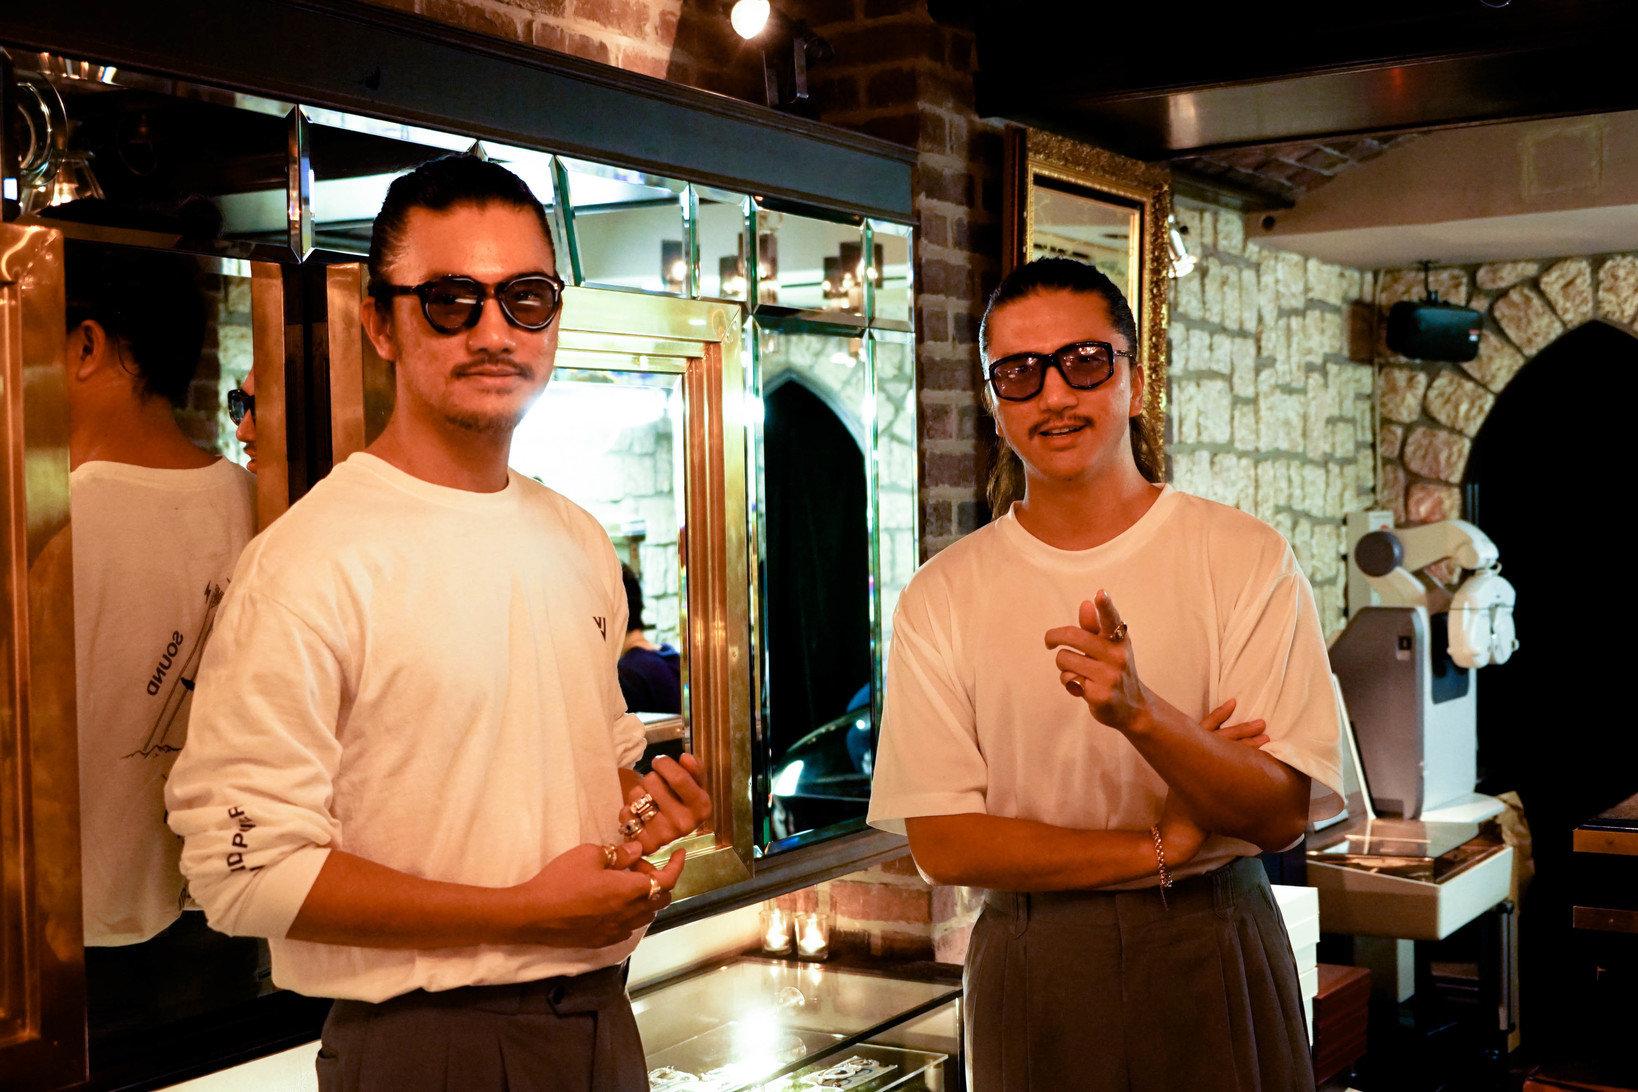 ソラックザーデオーナーの岡本龍允氏(左)と岡本竜氏(右)